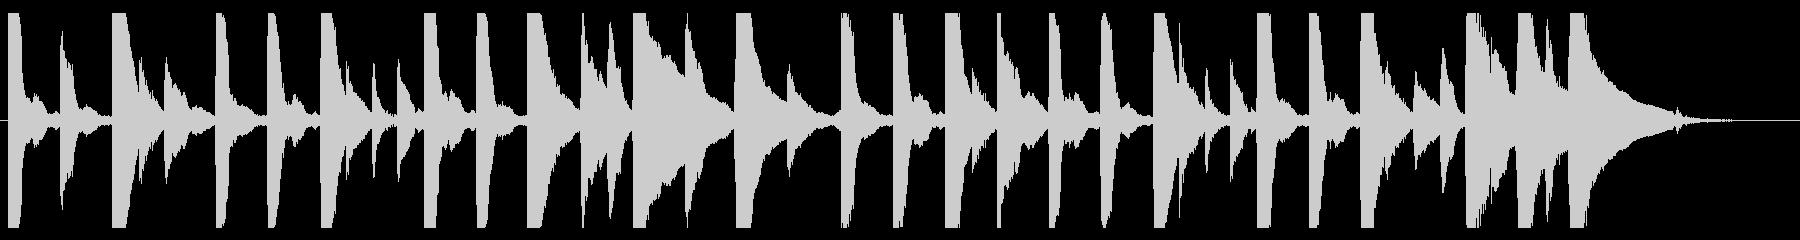 ジングル - 曇りの日の曲の未再生の波形